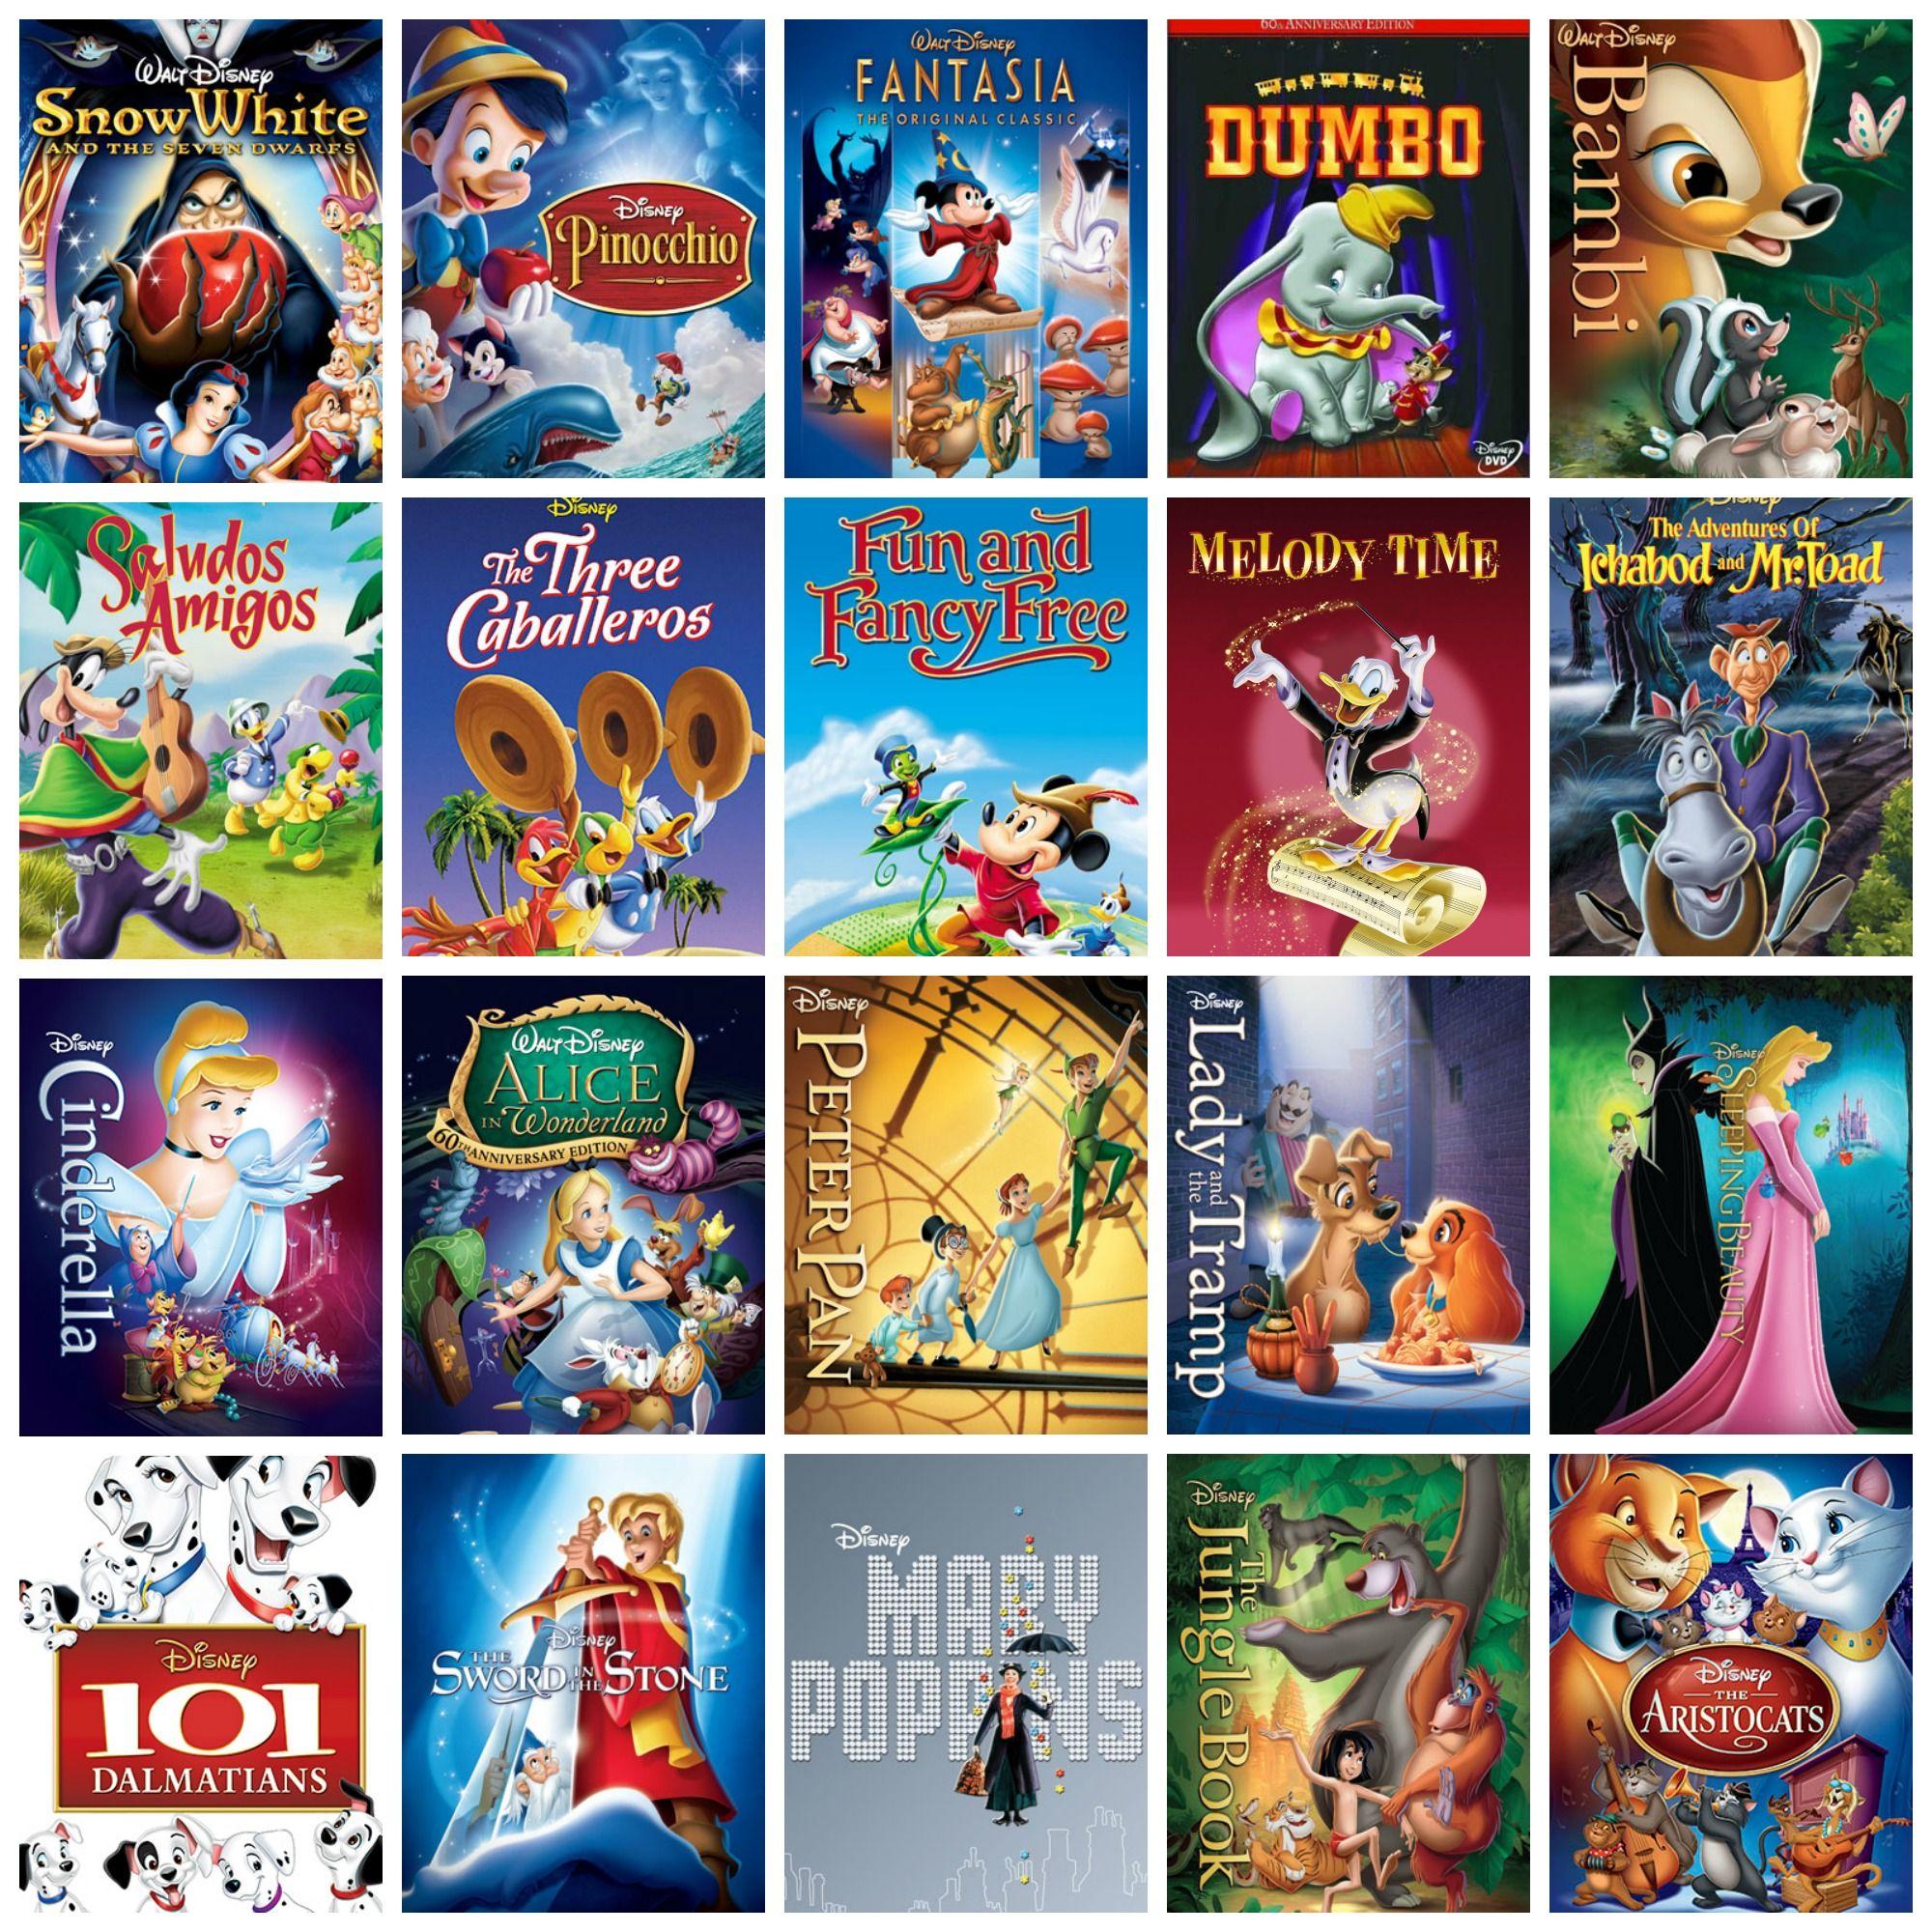 19371970 Disney movies in order of release. Disney Fan